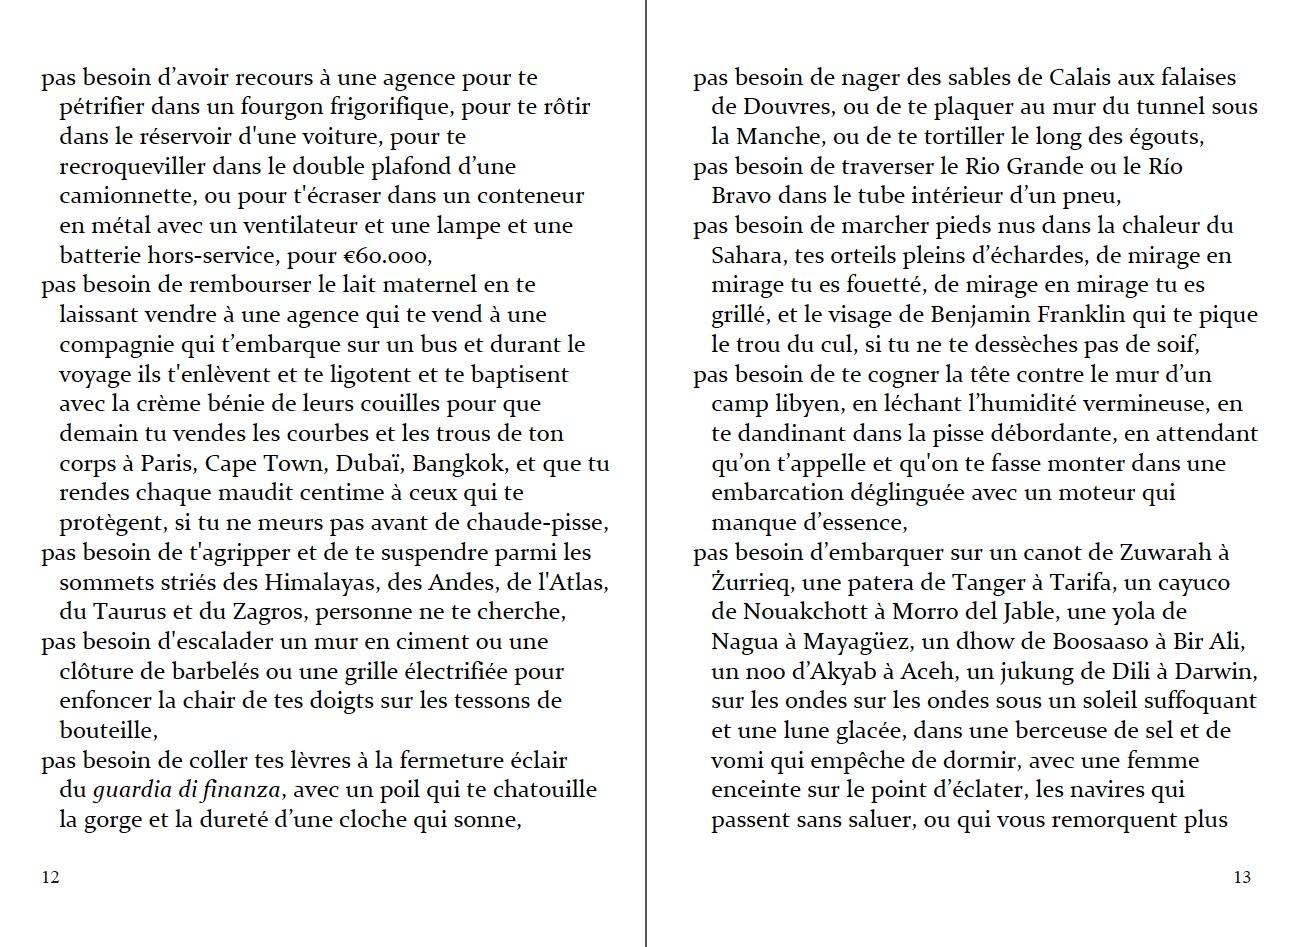 """p. 12-13 du """"Passeport"""" en français. Adapté par Elizabeth Grech (6ème édition)."""